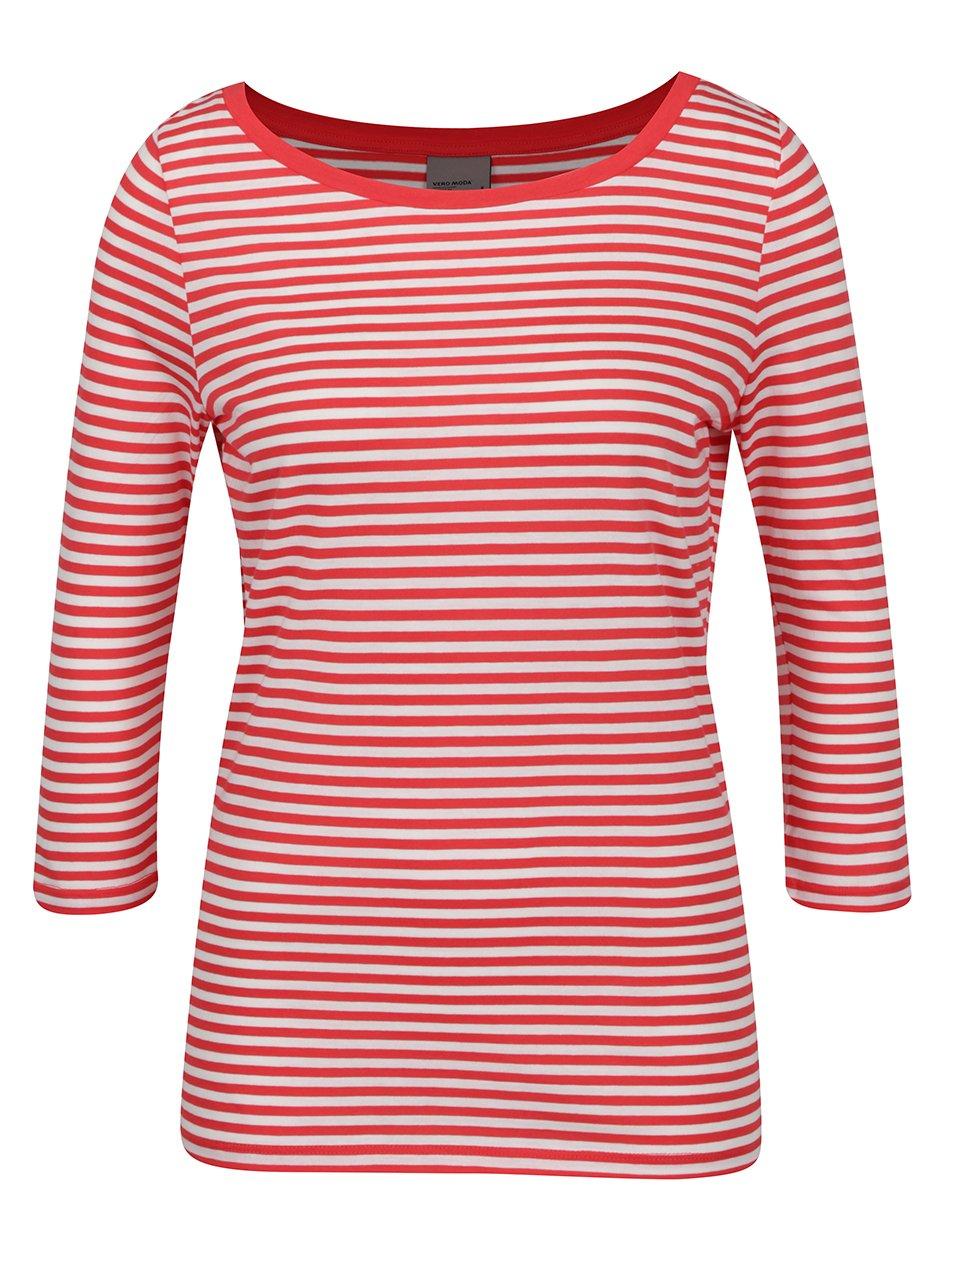 Krémovo-červené pruhované tričko s 3/4 rukávem VERO MODA Marley